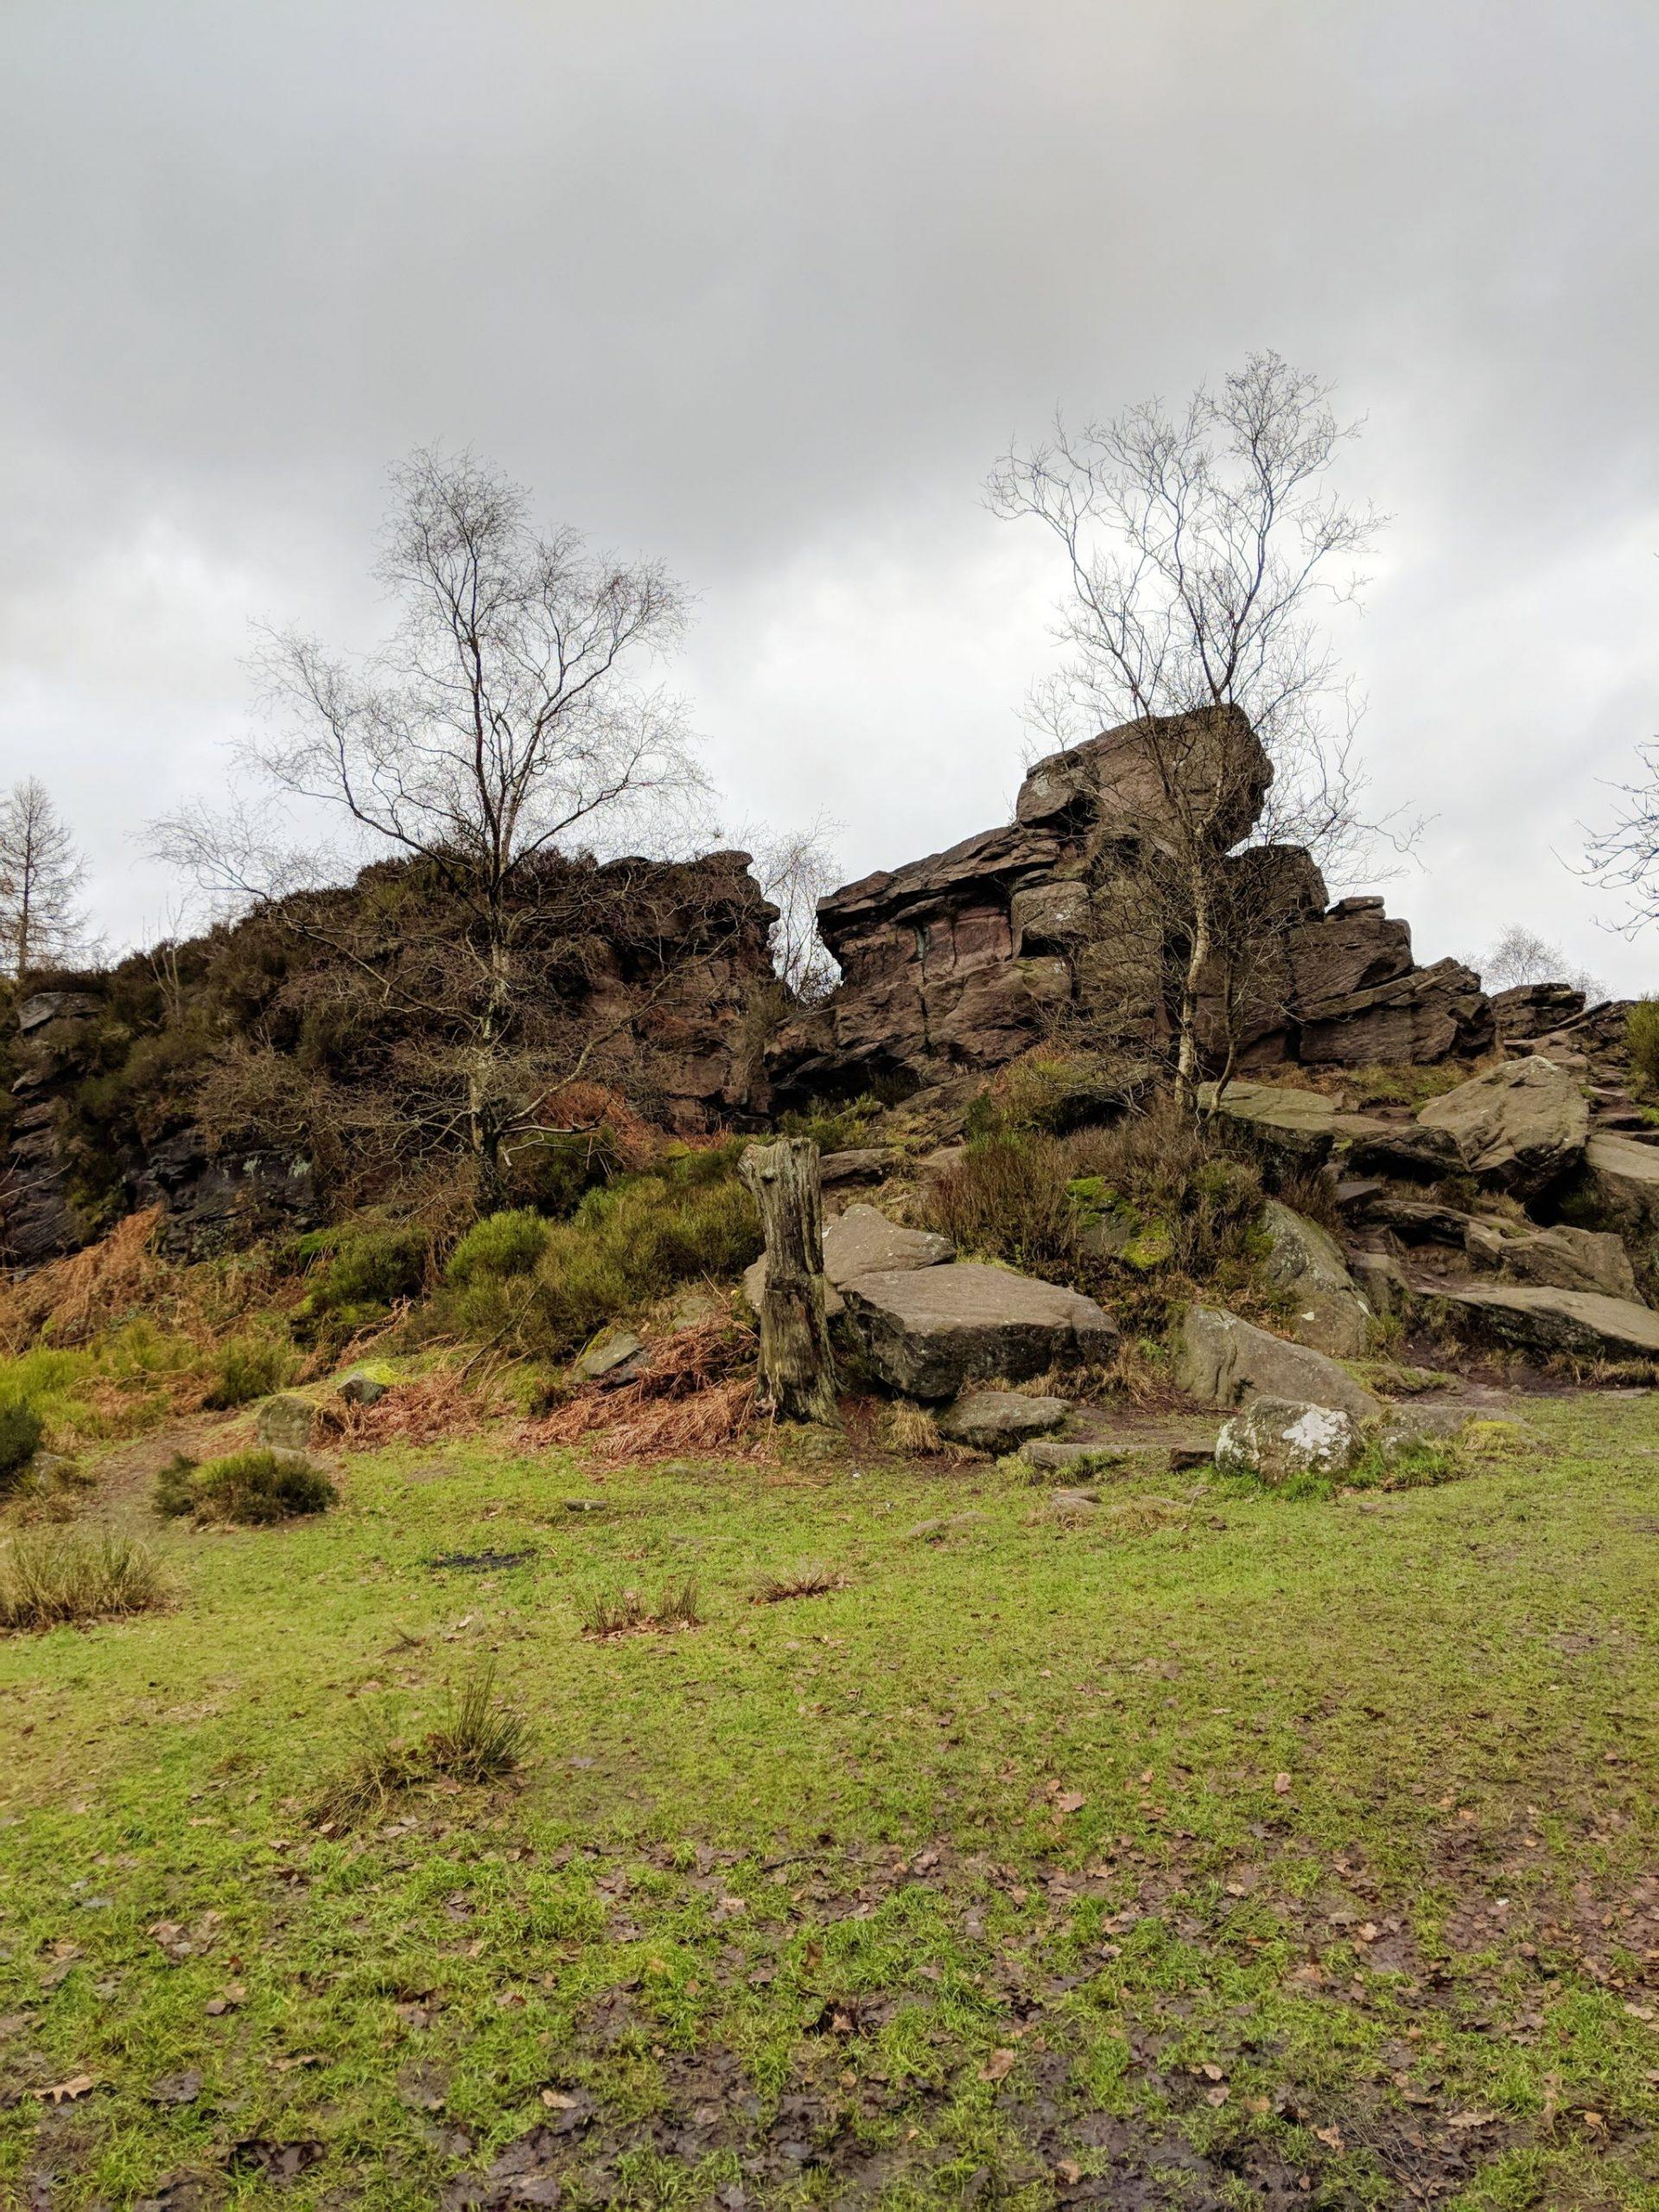 Gritstone rocks near Lud's Church, Staffordshire